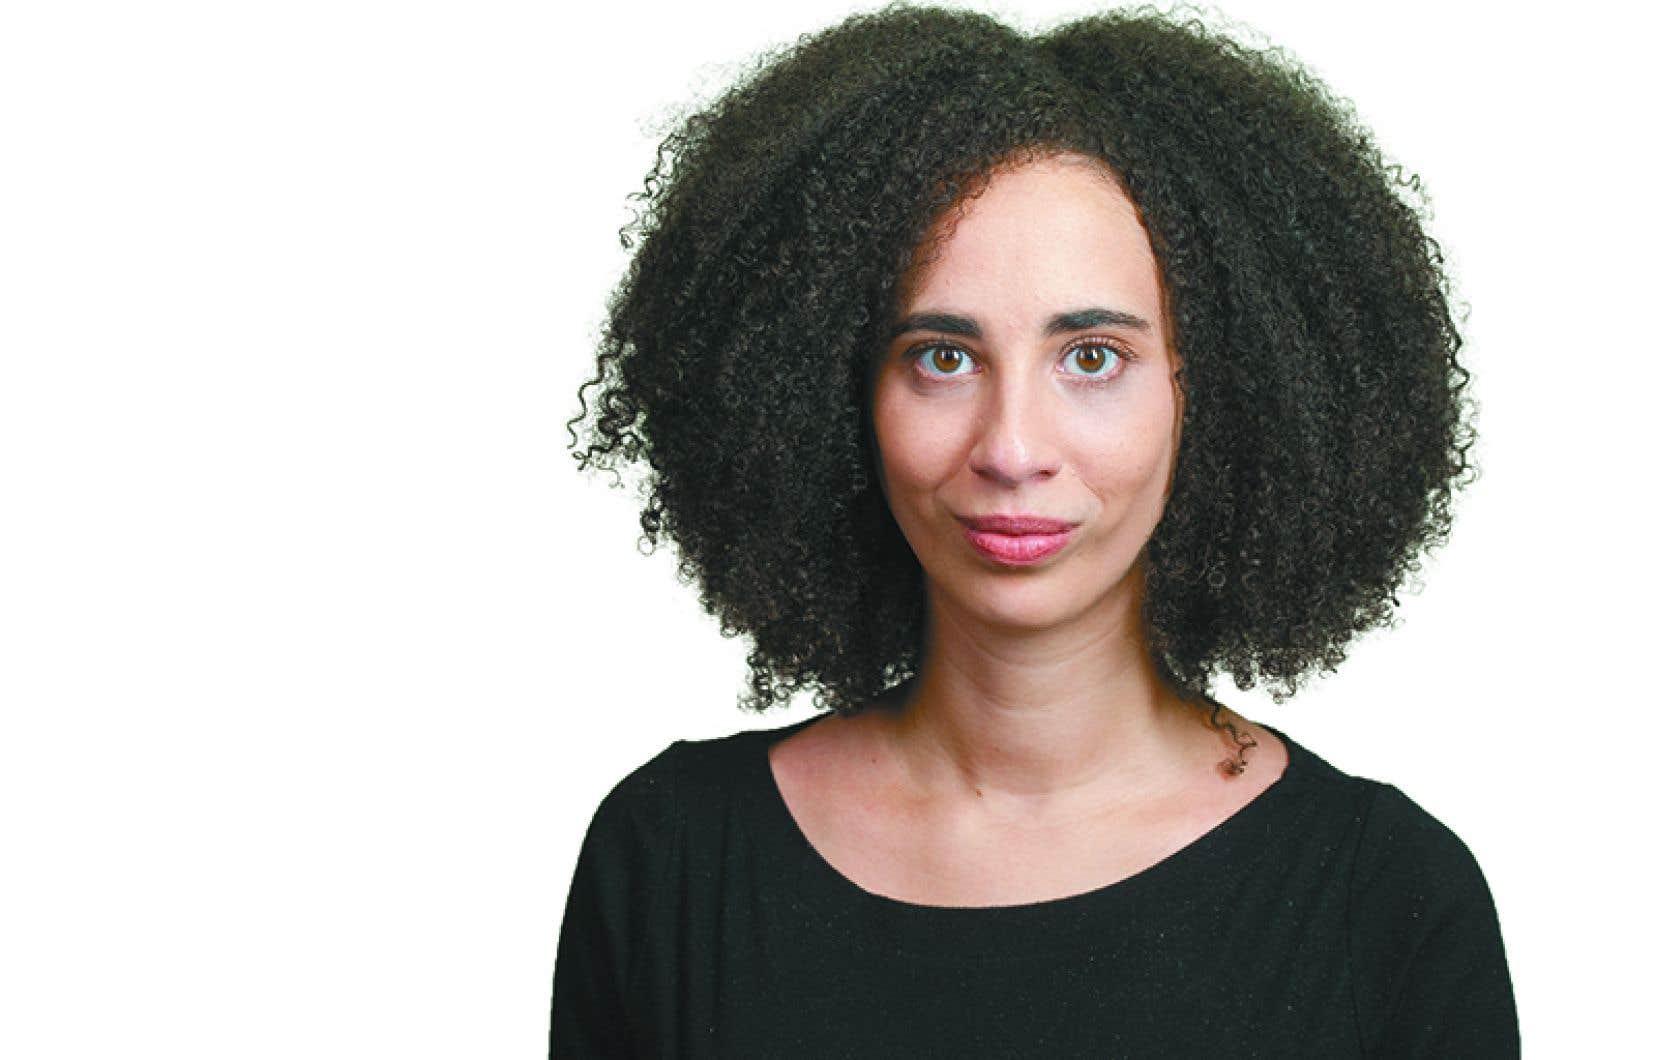 La chroniqueuse Emilie Nicolas a reçu le prix «personnalité média écrit engagée de l'année» lors du gala qui s'est déroulé samedi soir.